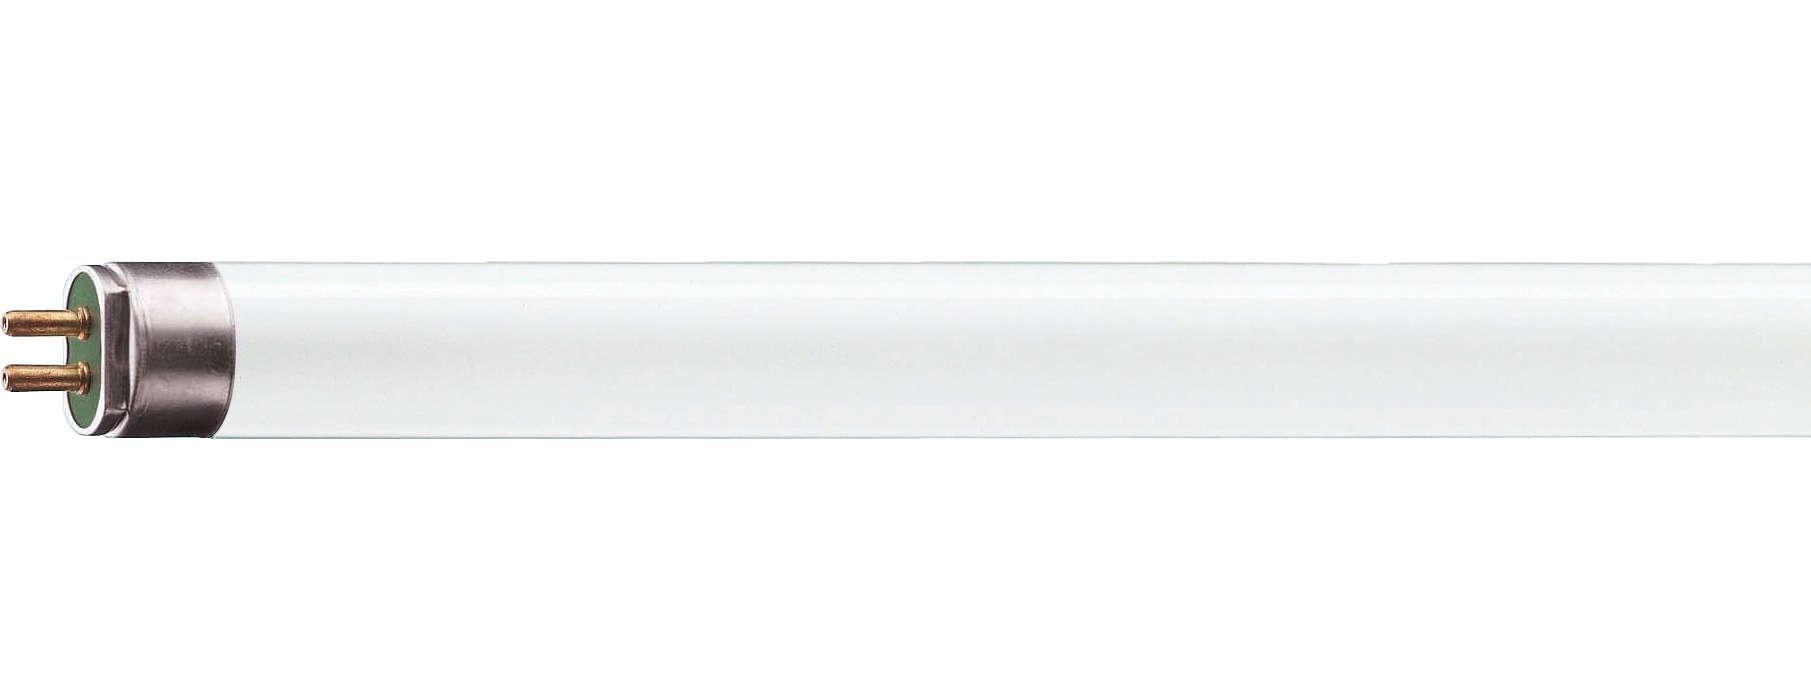 Lampes ultra-fines, puissantes, respectueuses de l'environnement